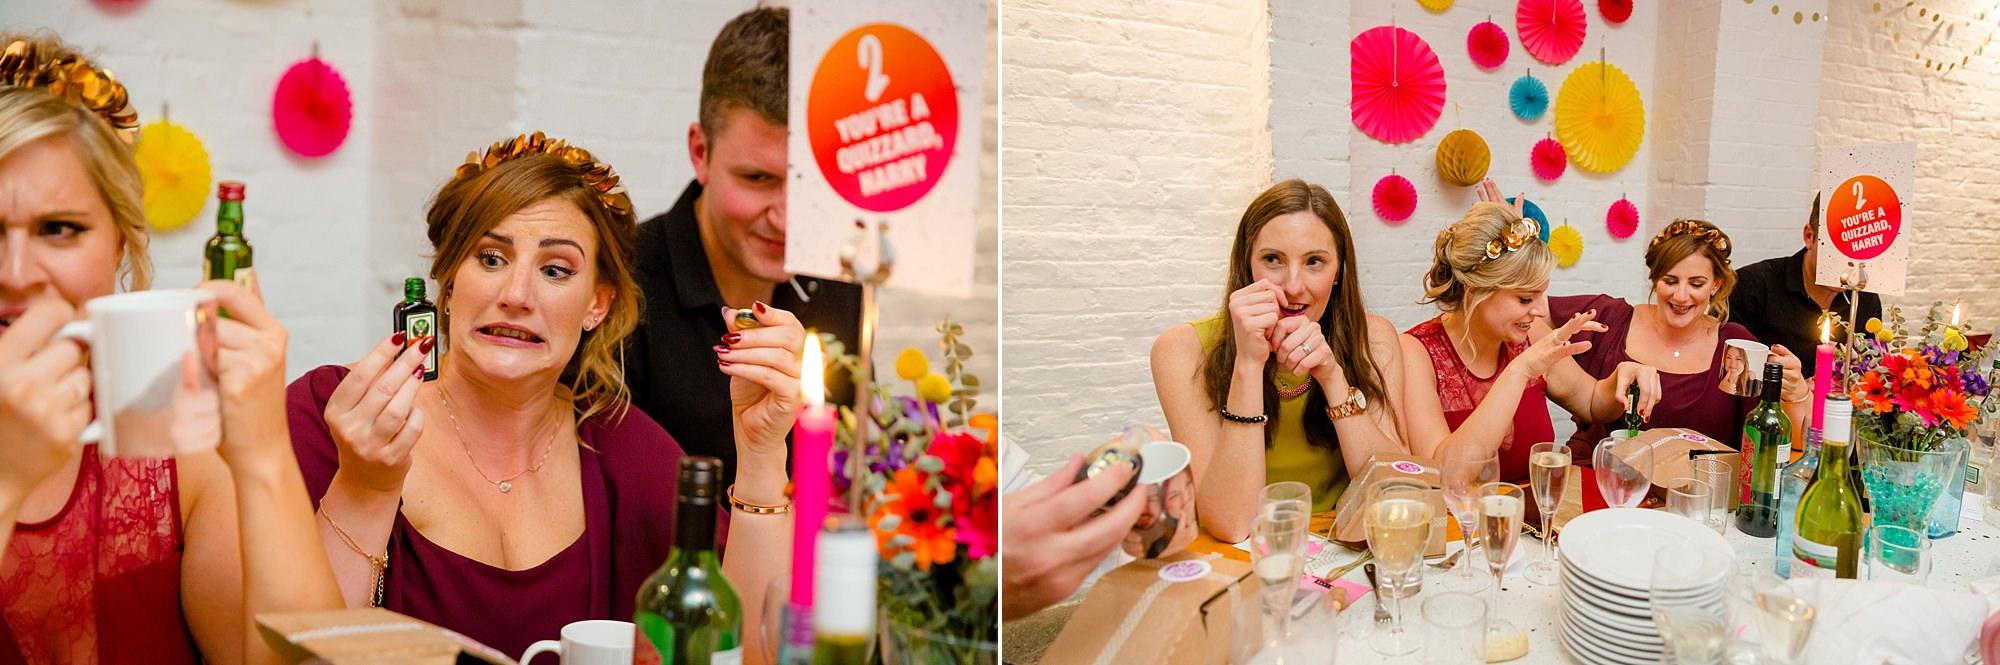 Fun London Wedding guests pour liquor shots into mugs